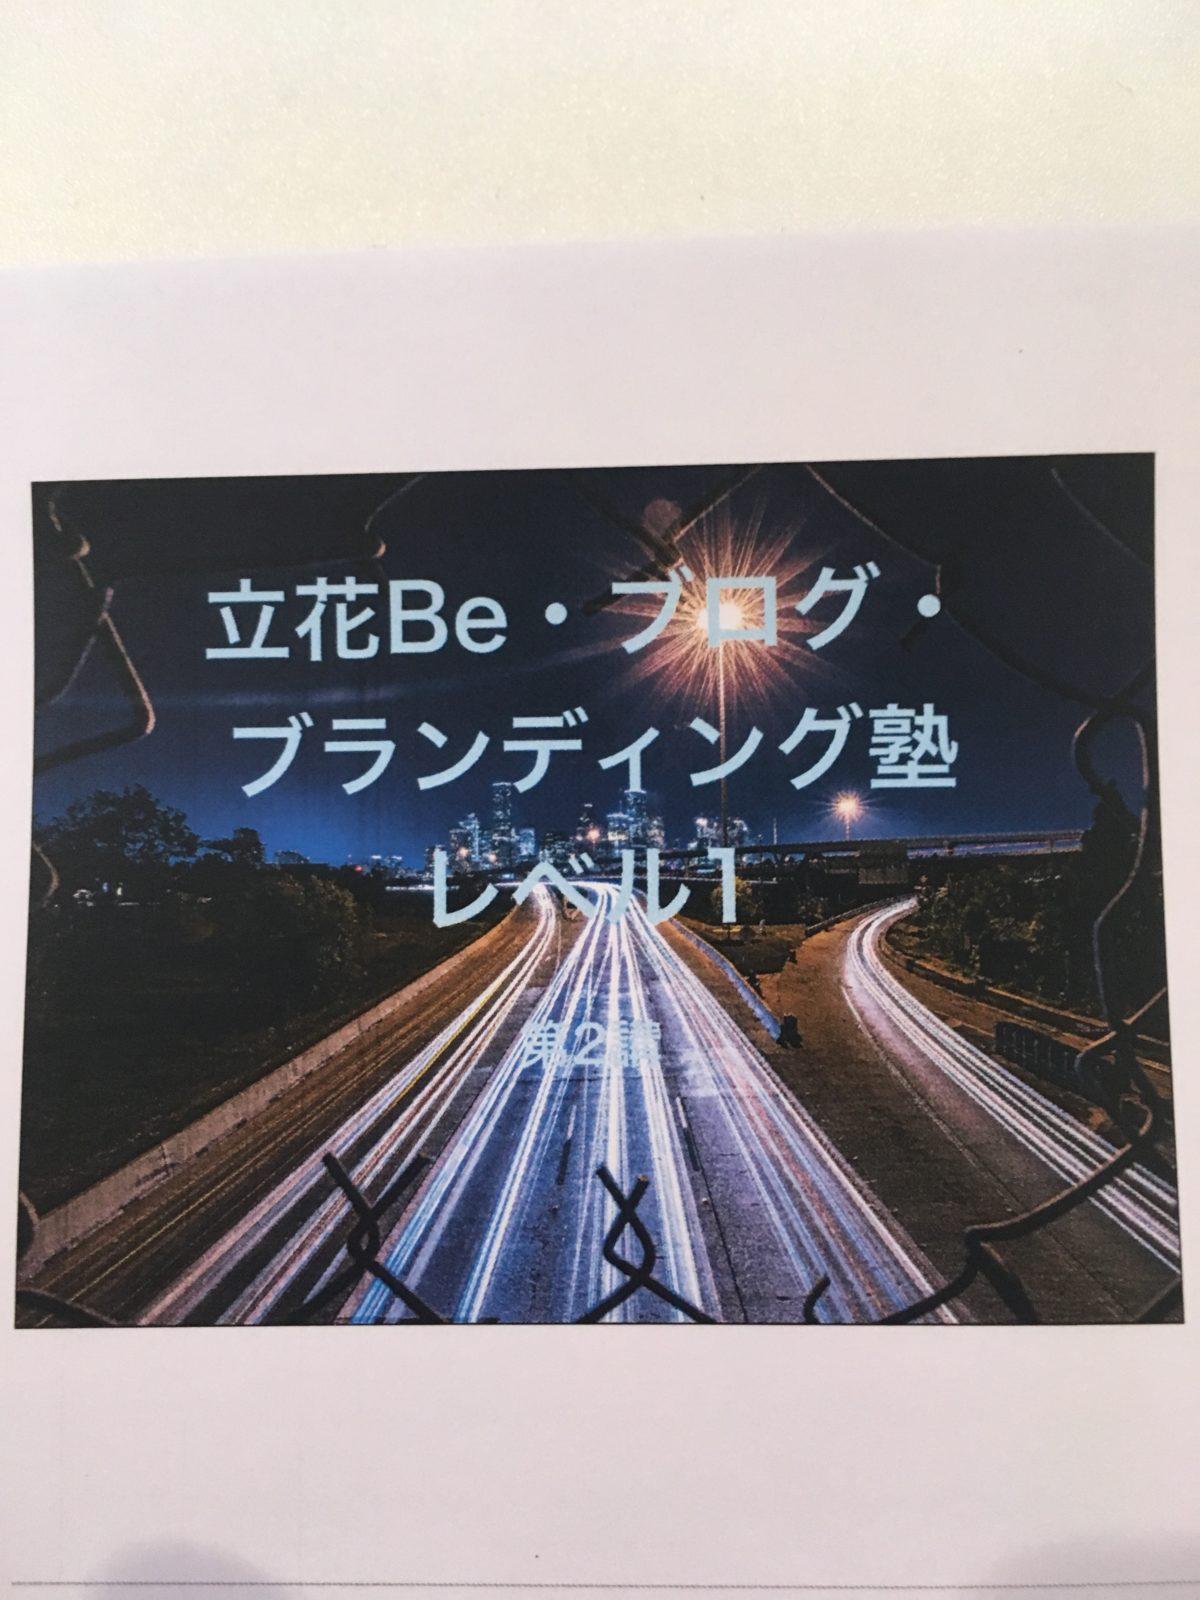 立花Be・ブログ・ブランディング